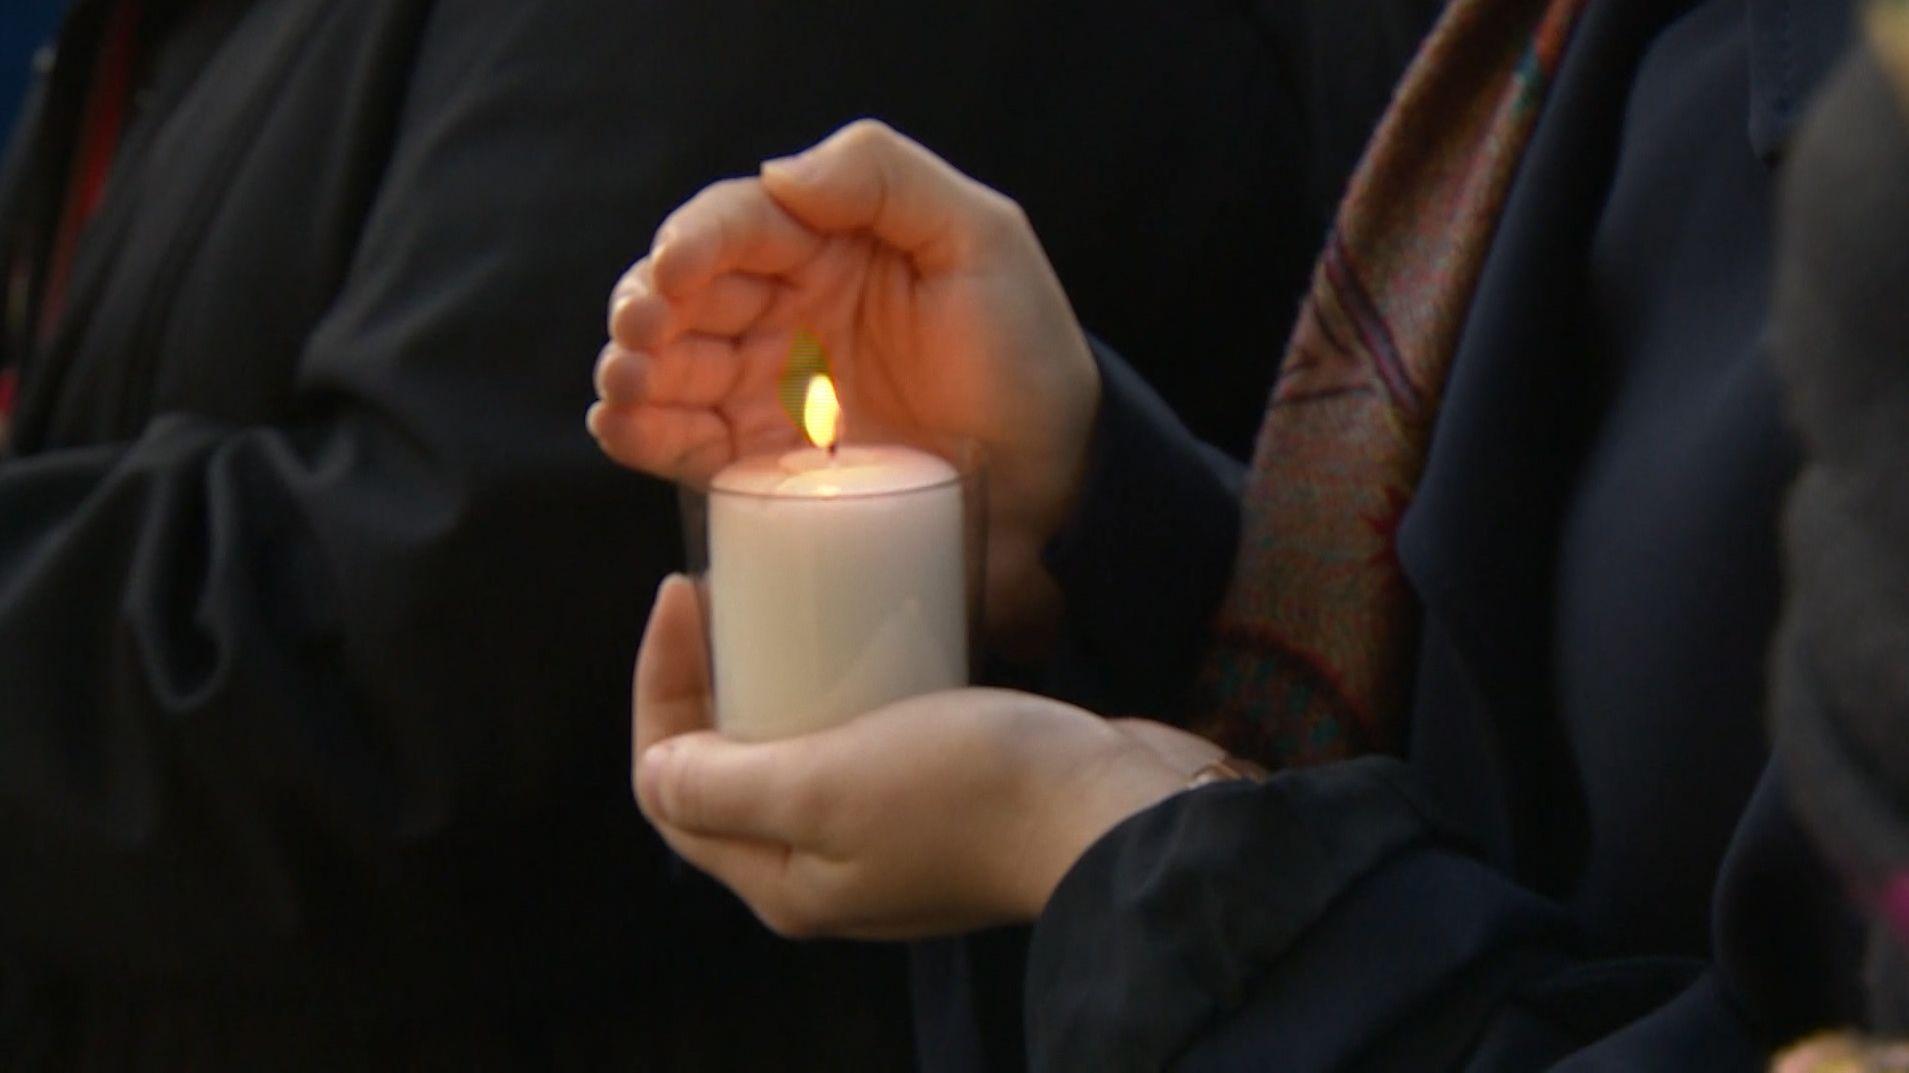 In ganz Bayern haben Bürger ihre Solidarität mit den Opfern von Halle und mit den Jüdinnen und Juden in Deutschland bekundet.